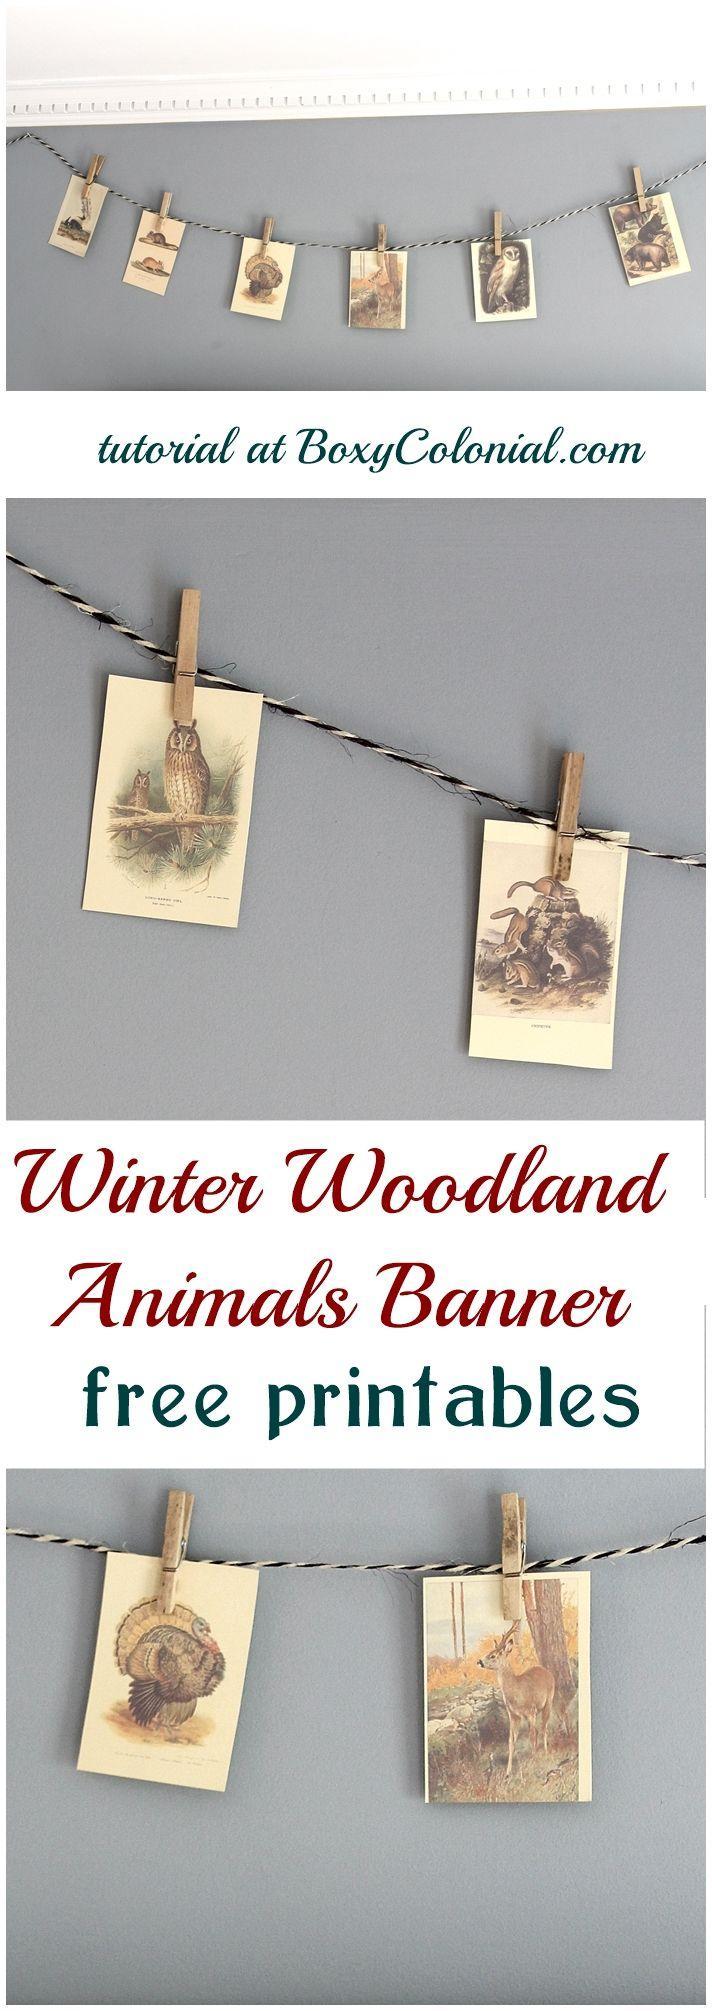 Wedding - Woodland Animals Banner: Dare To DIY -